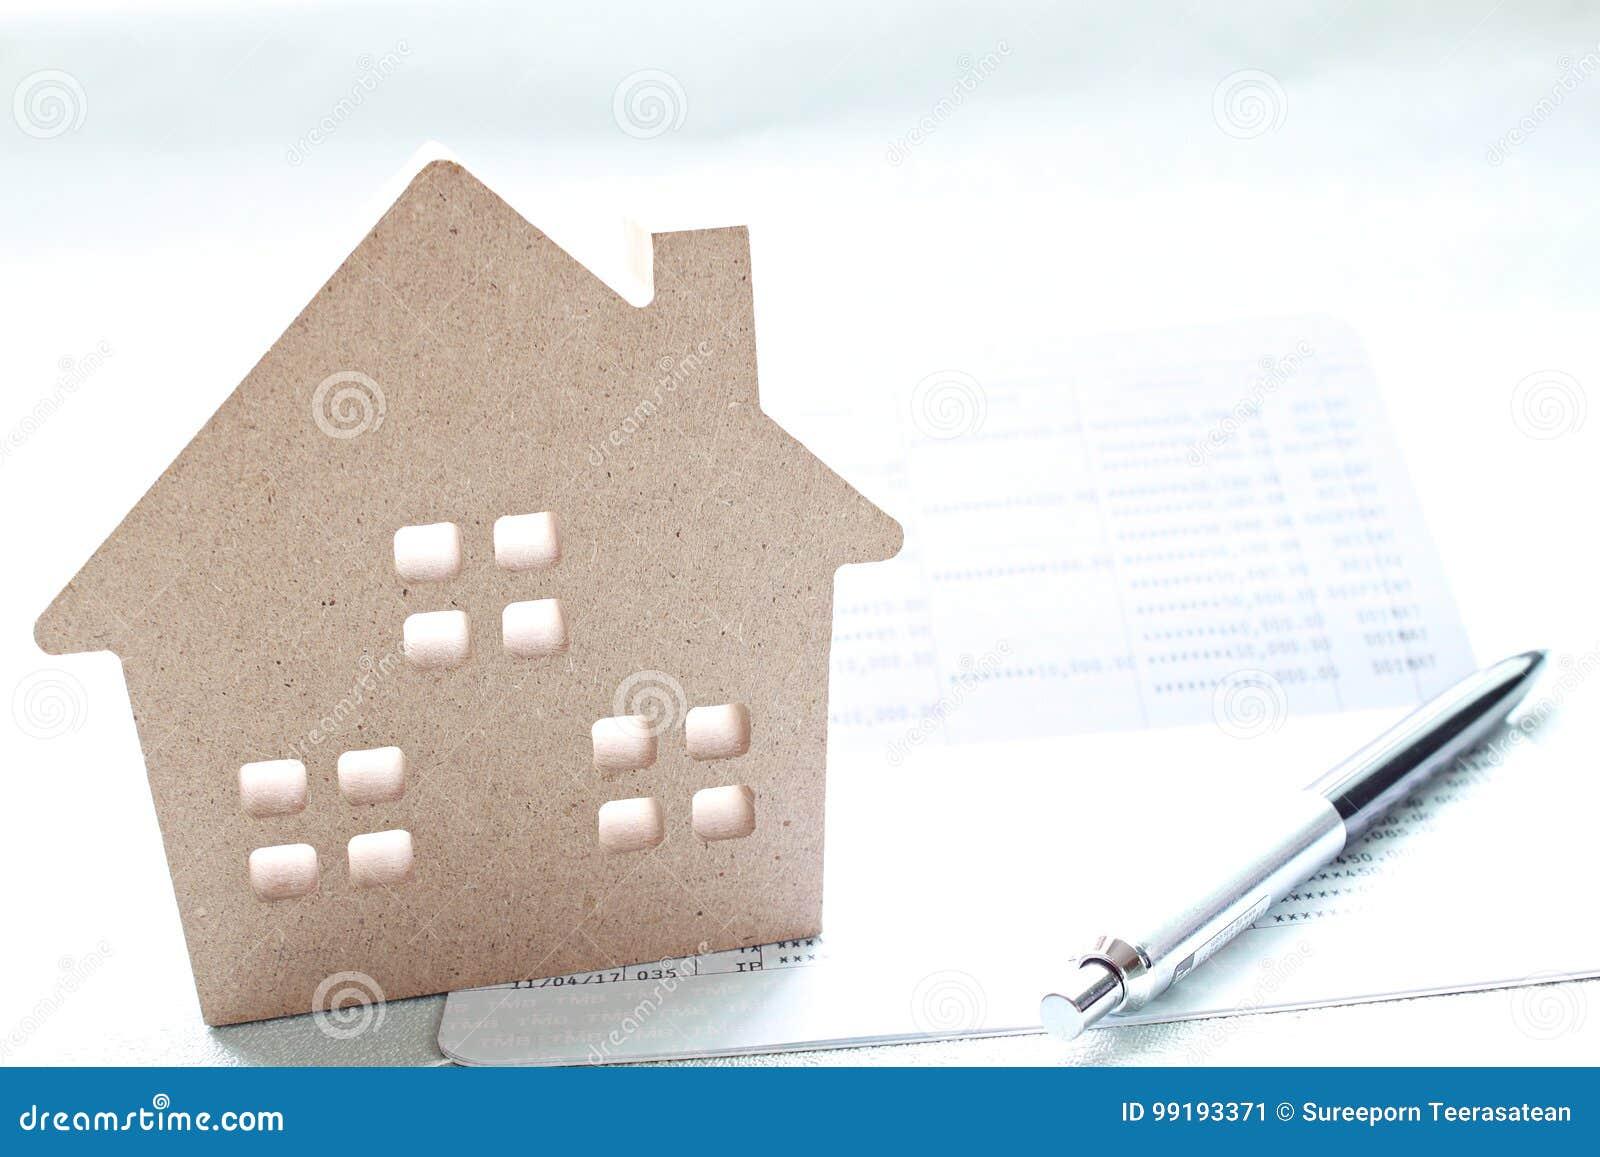 le modèle de maison en bois, le livre de comptes d'économie ou le